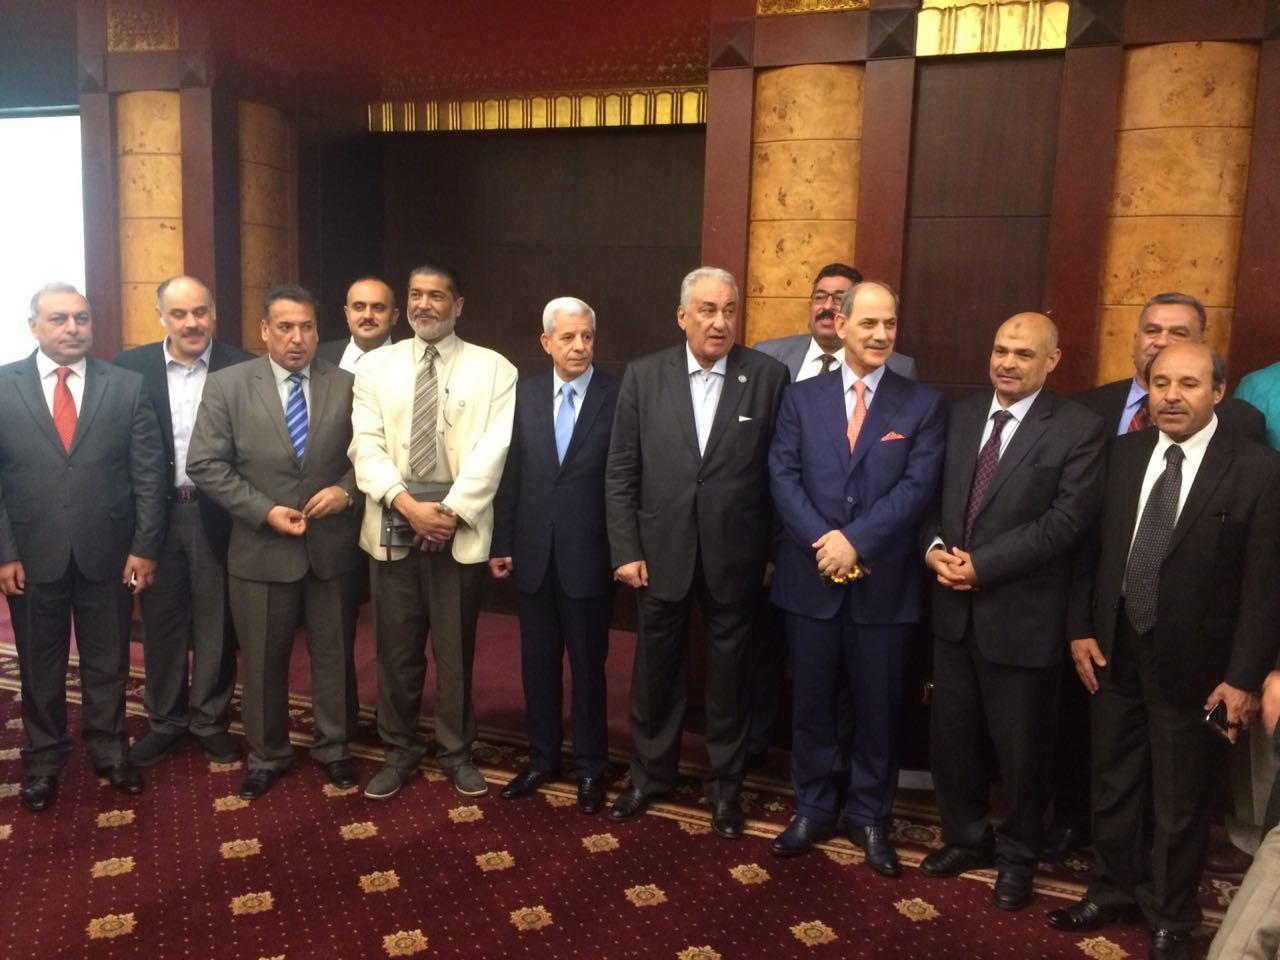 المحكمة العربية للتحكيم – تختار الشيخ حسين الخوام رئيساً لها في العراق